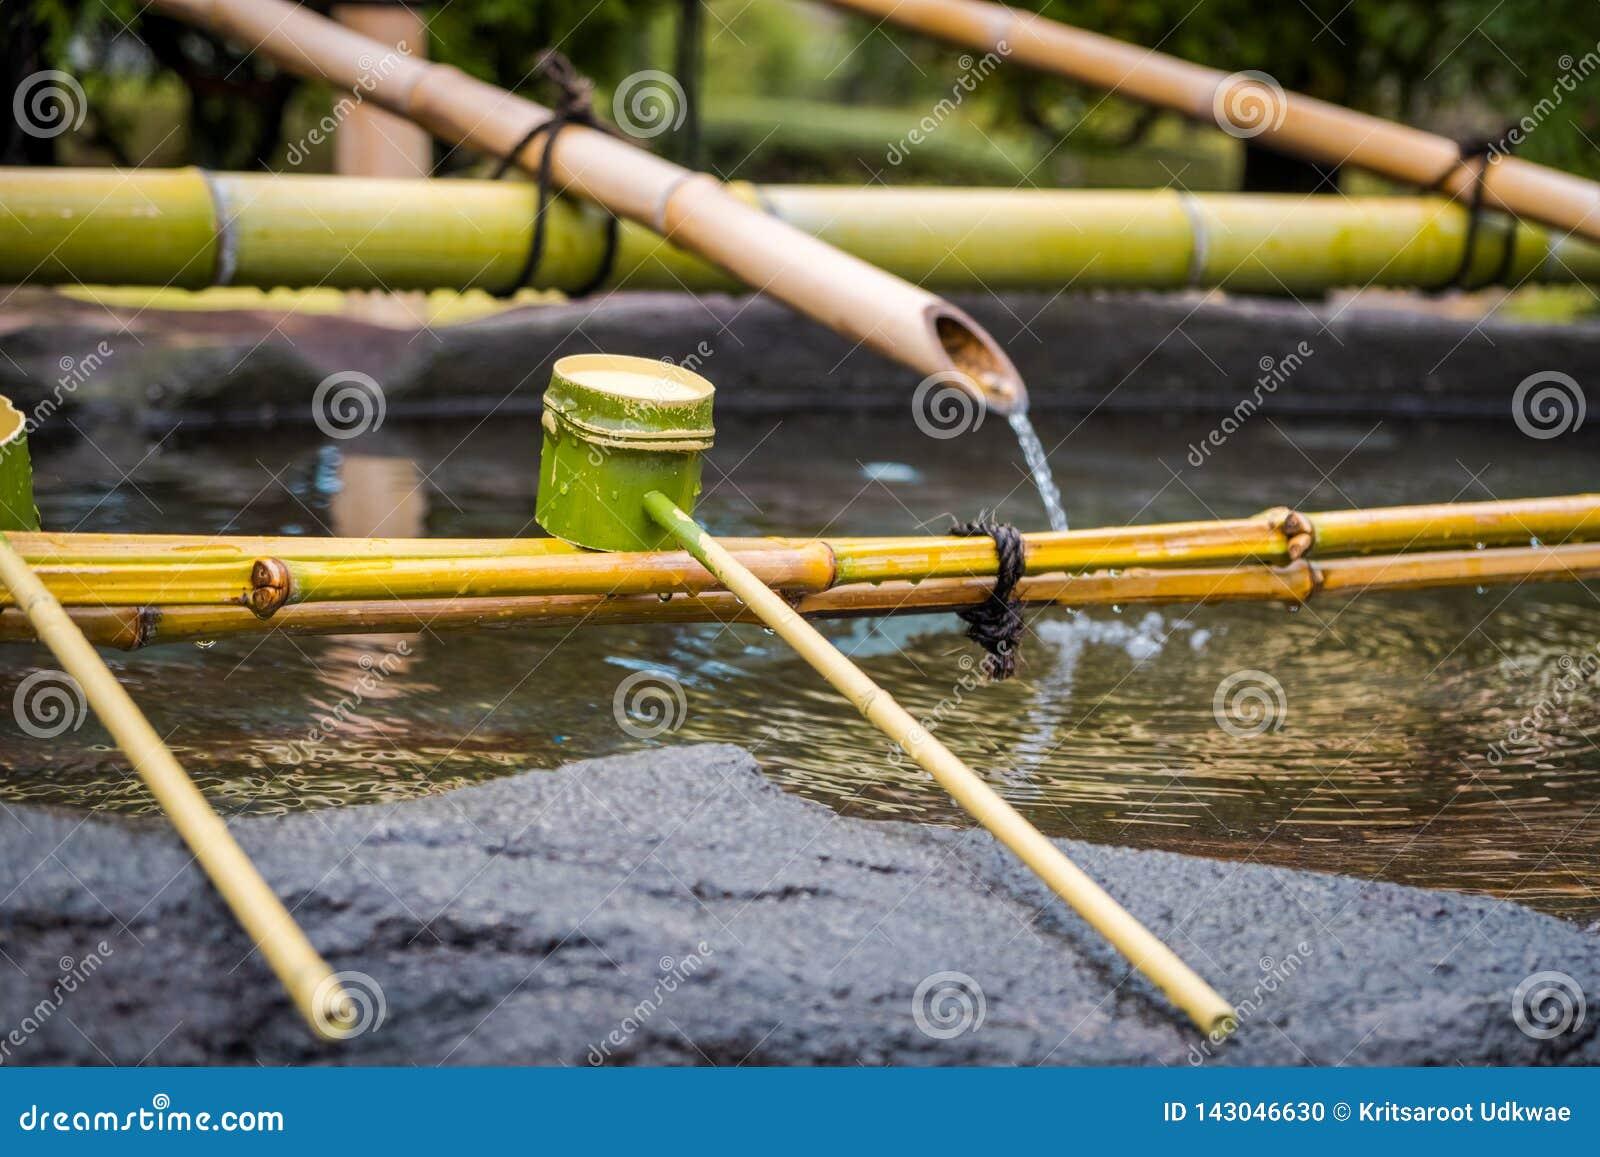 Синтоистская церемония Omairi очищая путем использование воды в бамбуковом ветроуловителе раньше входит в к виску в Японию